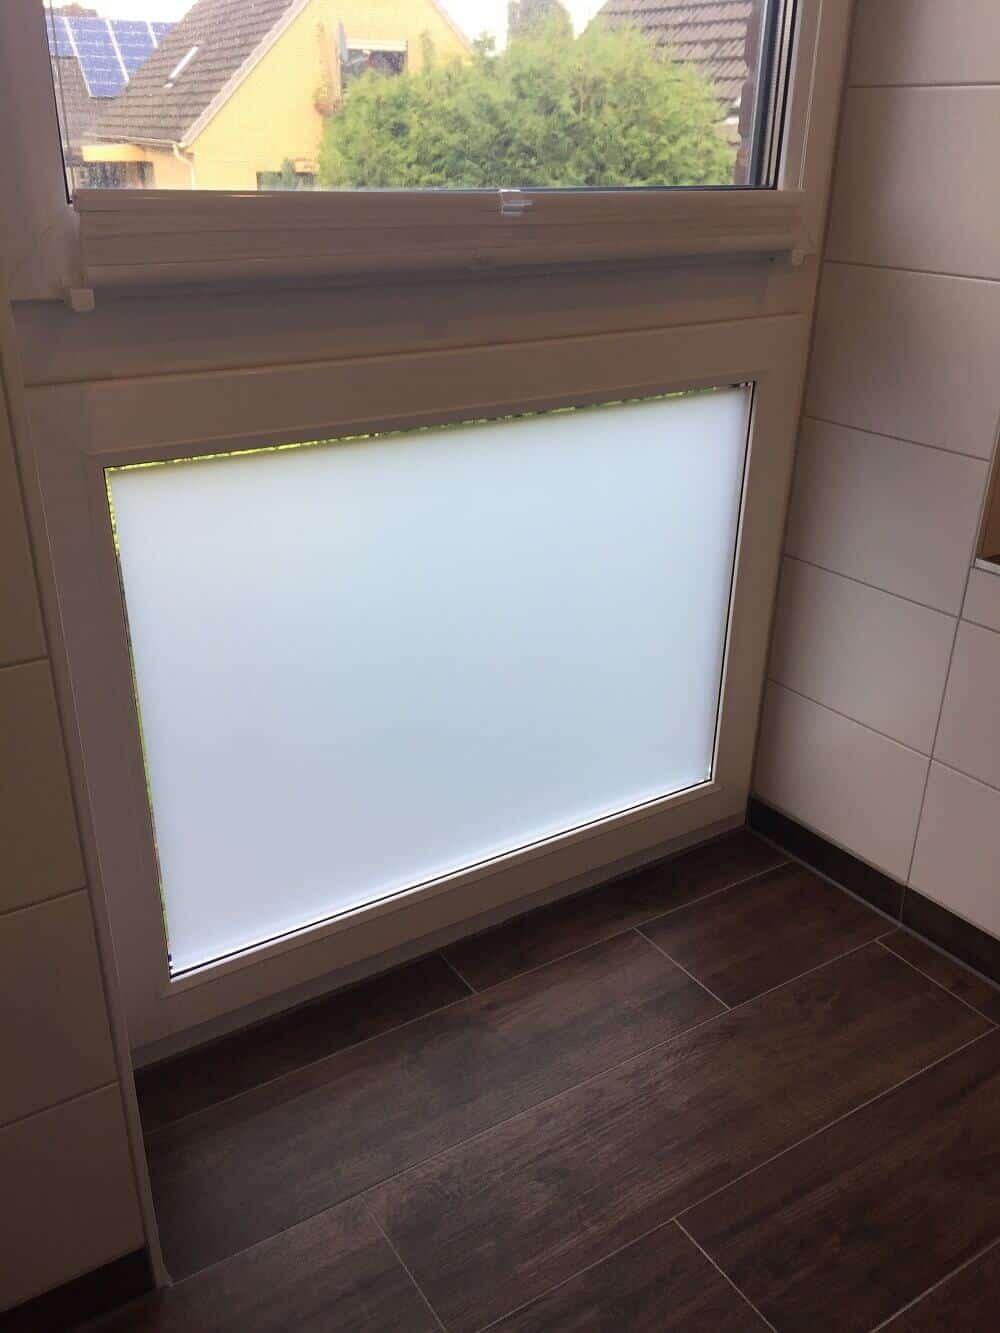 Fenster Mit Milchglasfolie Im Bad